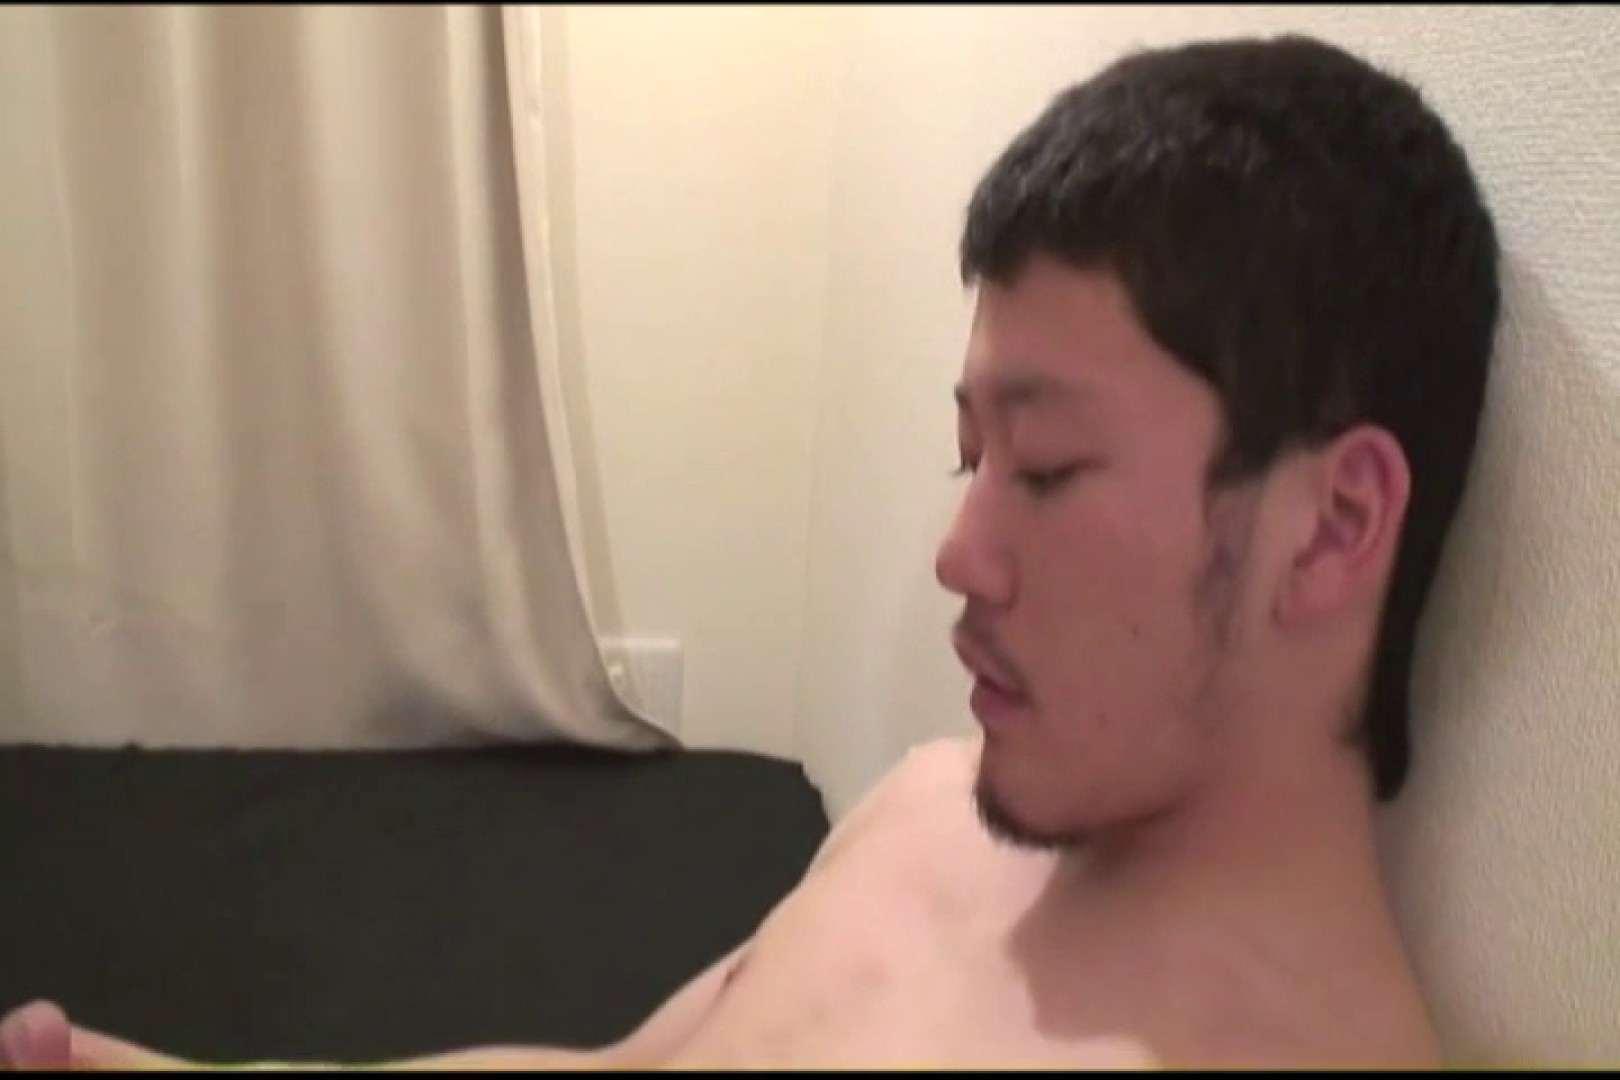 バスケットメンGプレイ! ゲイの裸 ゲイアダルト画像 71枚 11